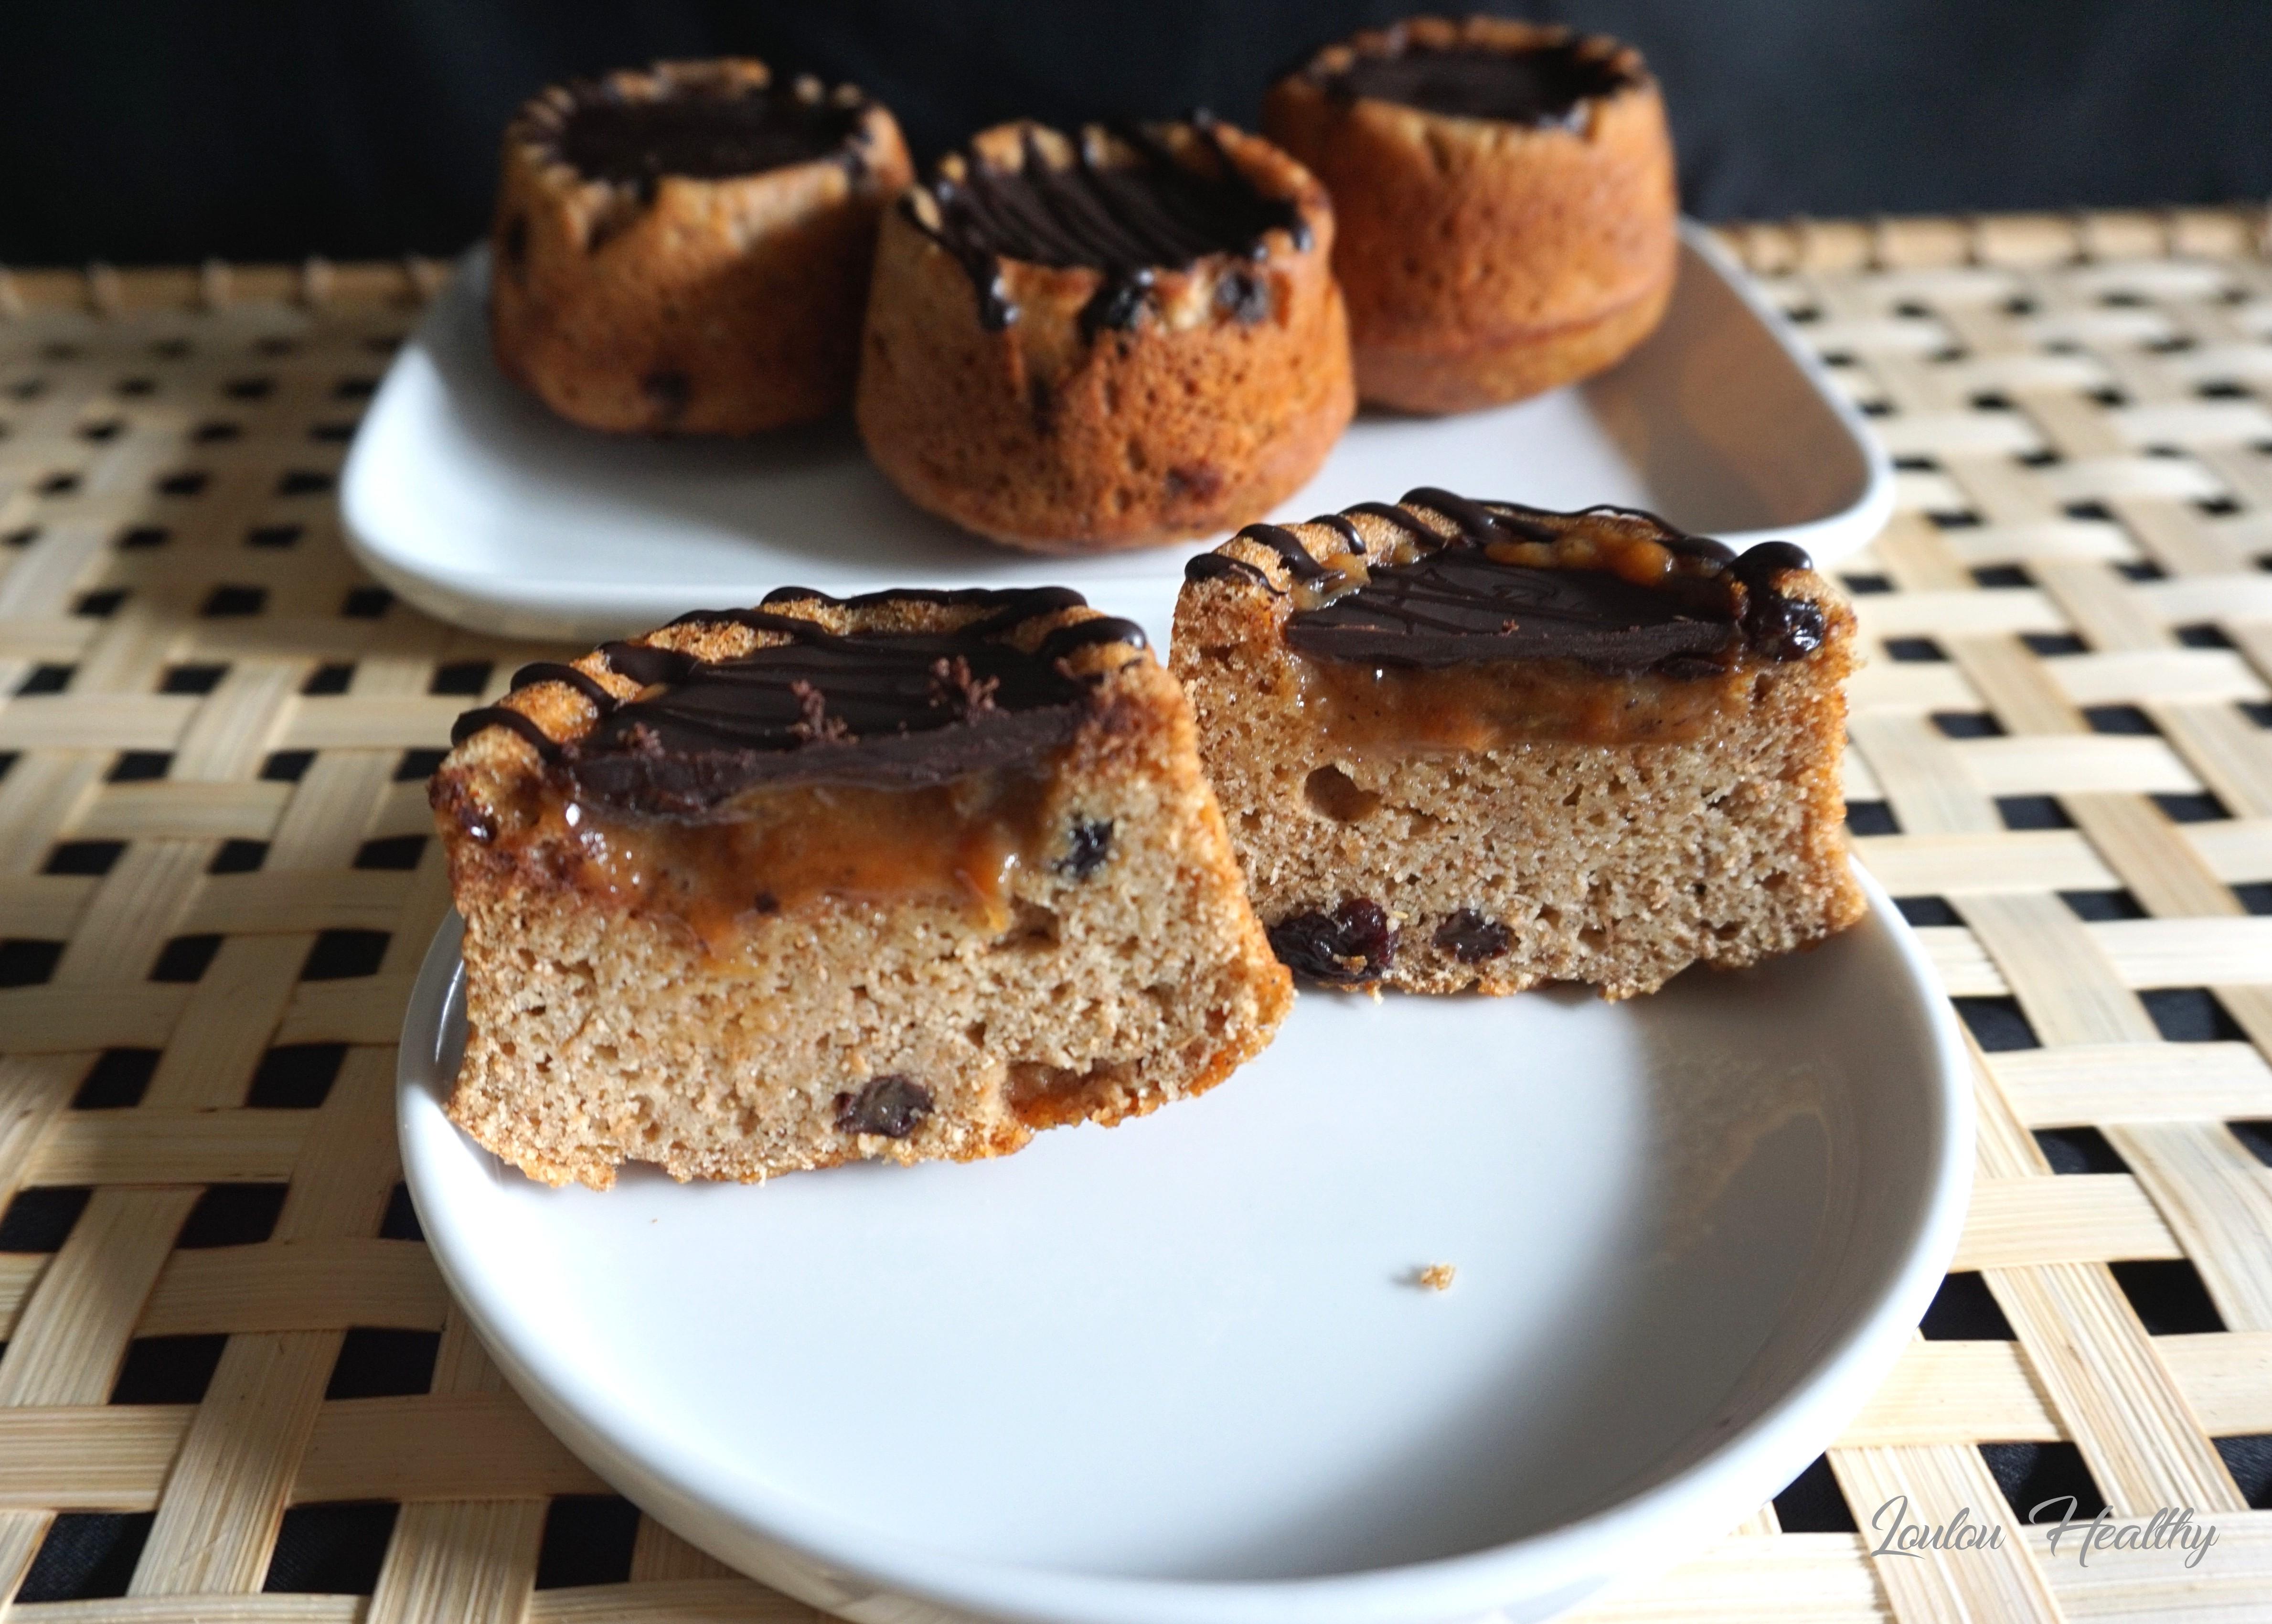 petits cakes aux raisins secs, caramel fleur de sel à la vanille et chocolat